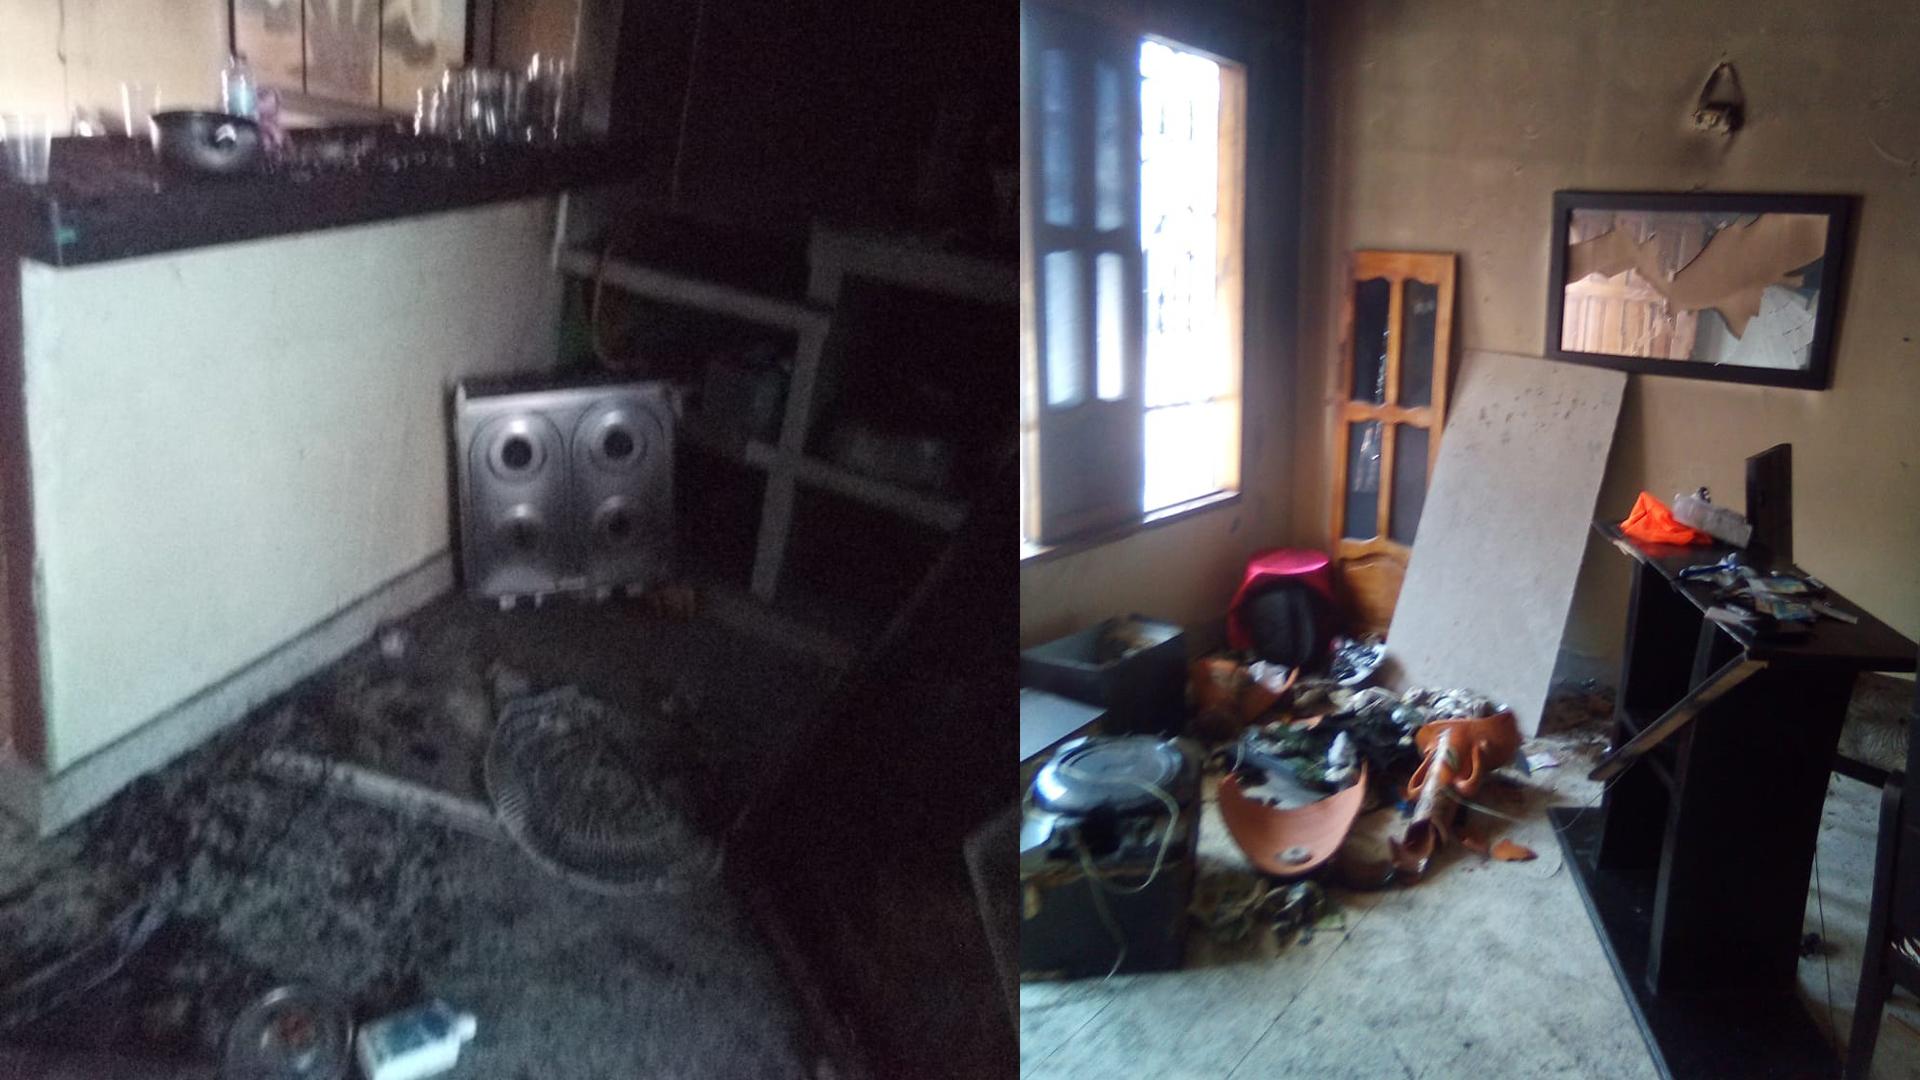 Otros electrodomésticos y objetos destrozados por el presunto agresor.